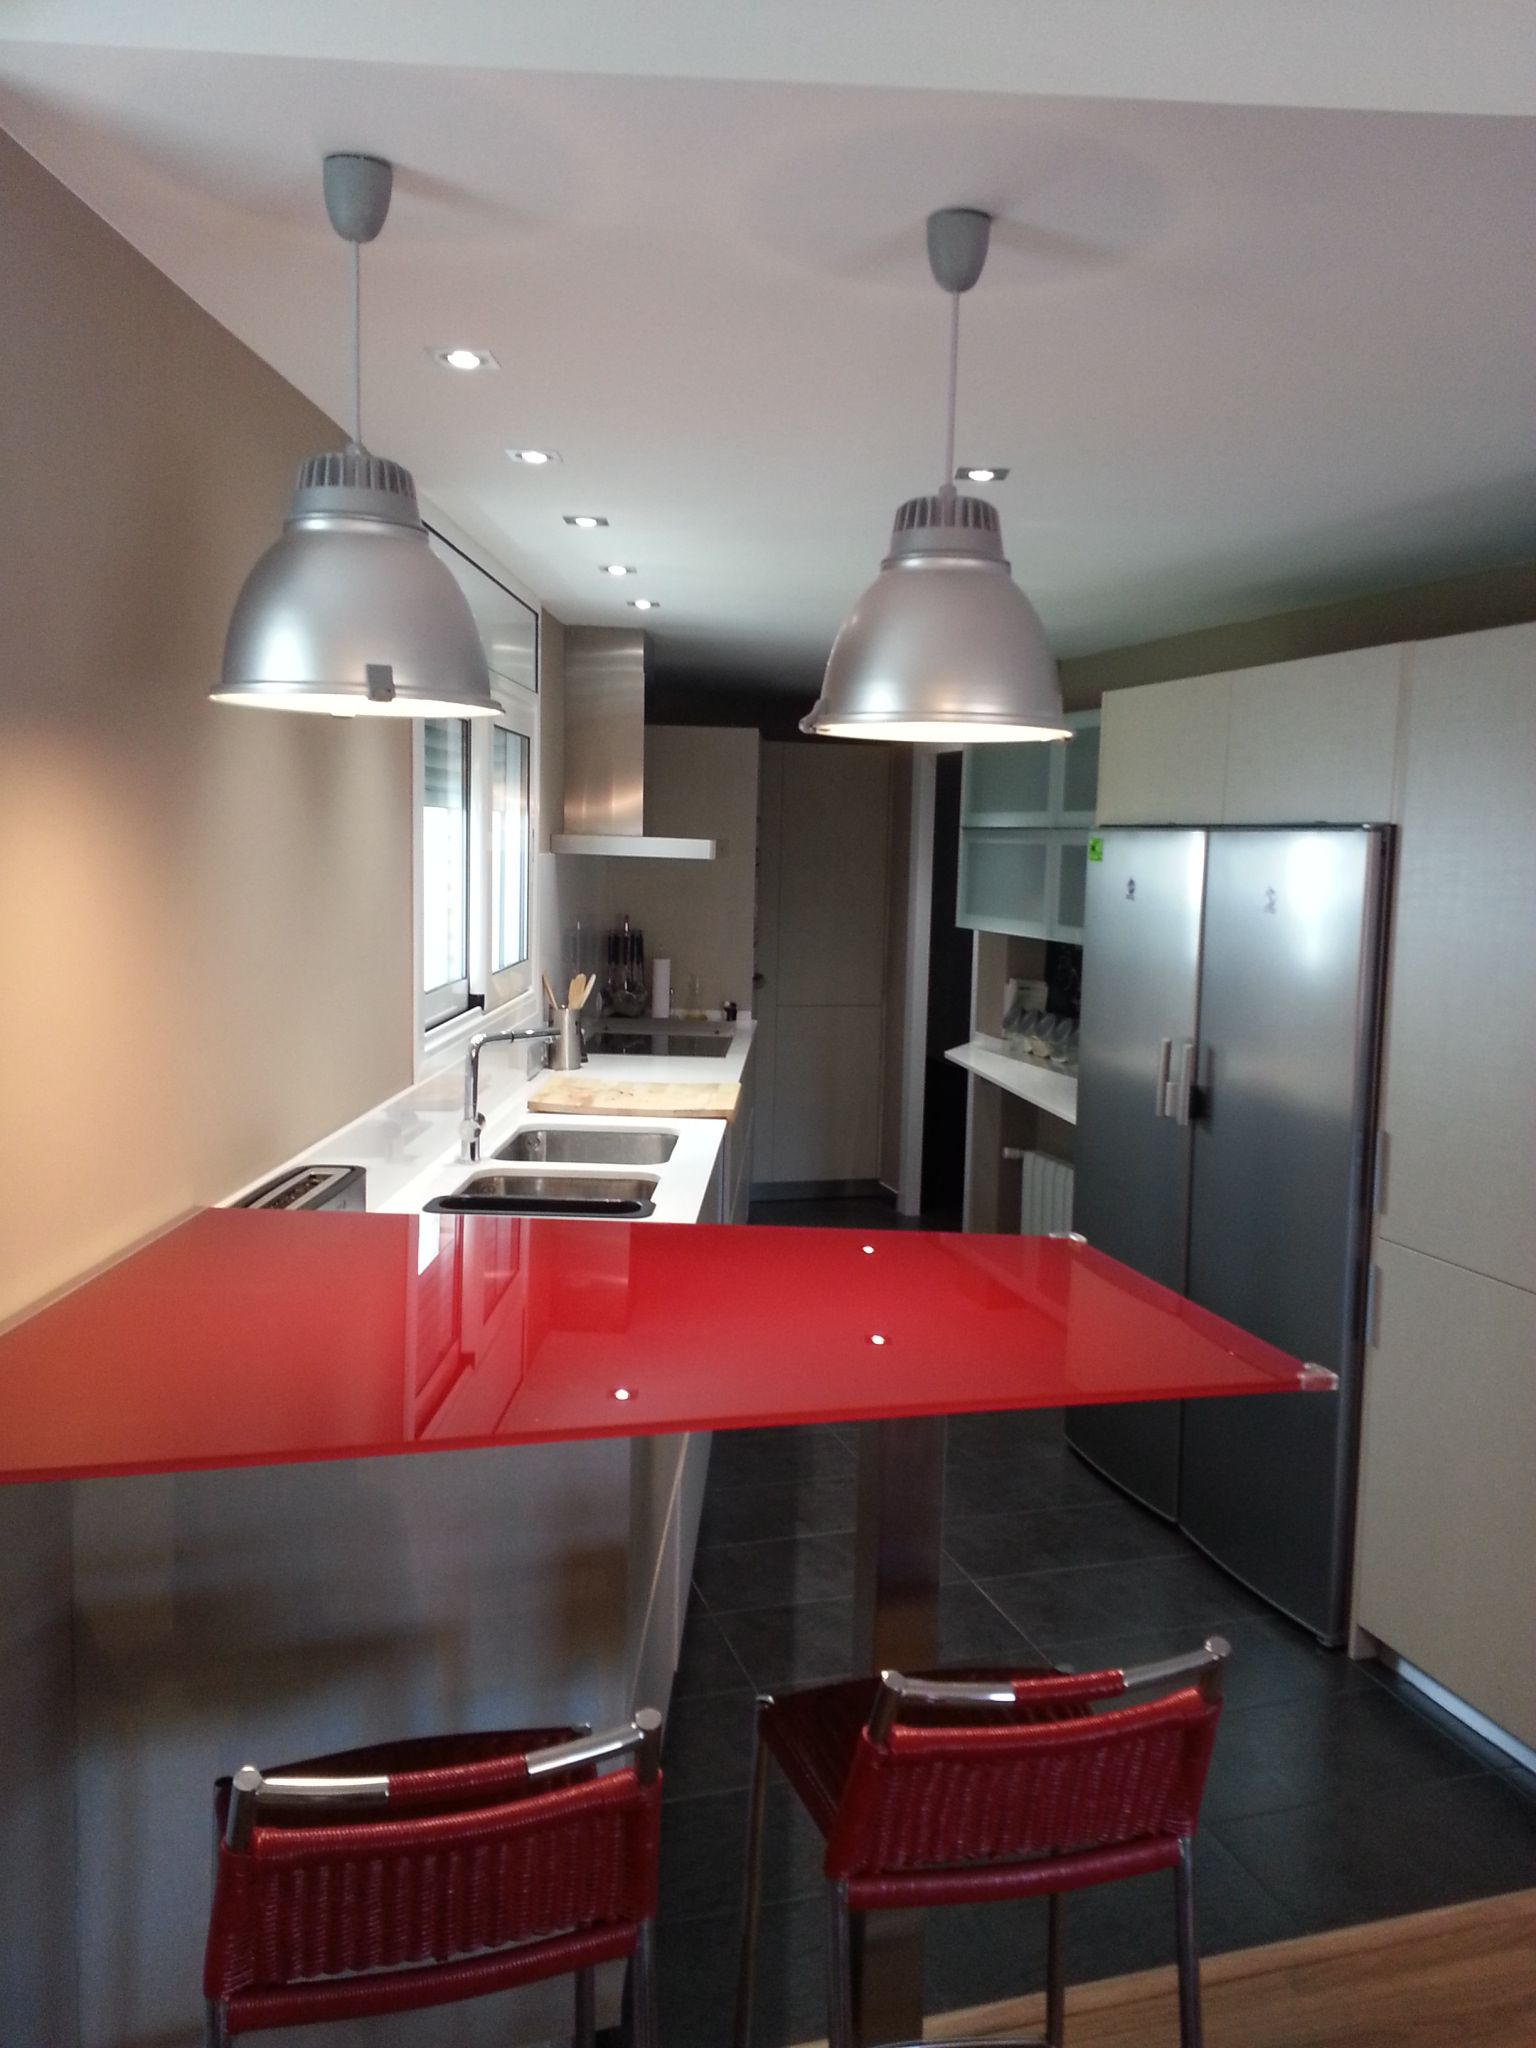 decoracion moderno cocina encimeras barras de cocina lamparas estanterias